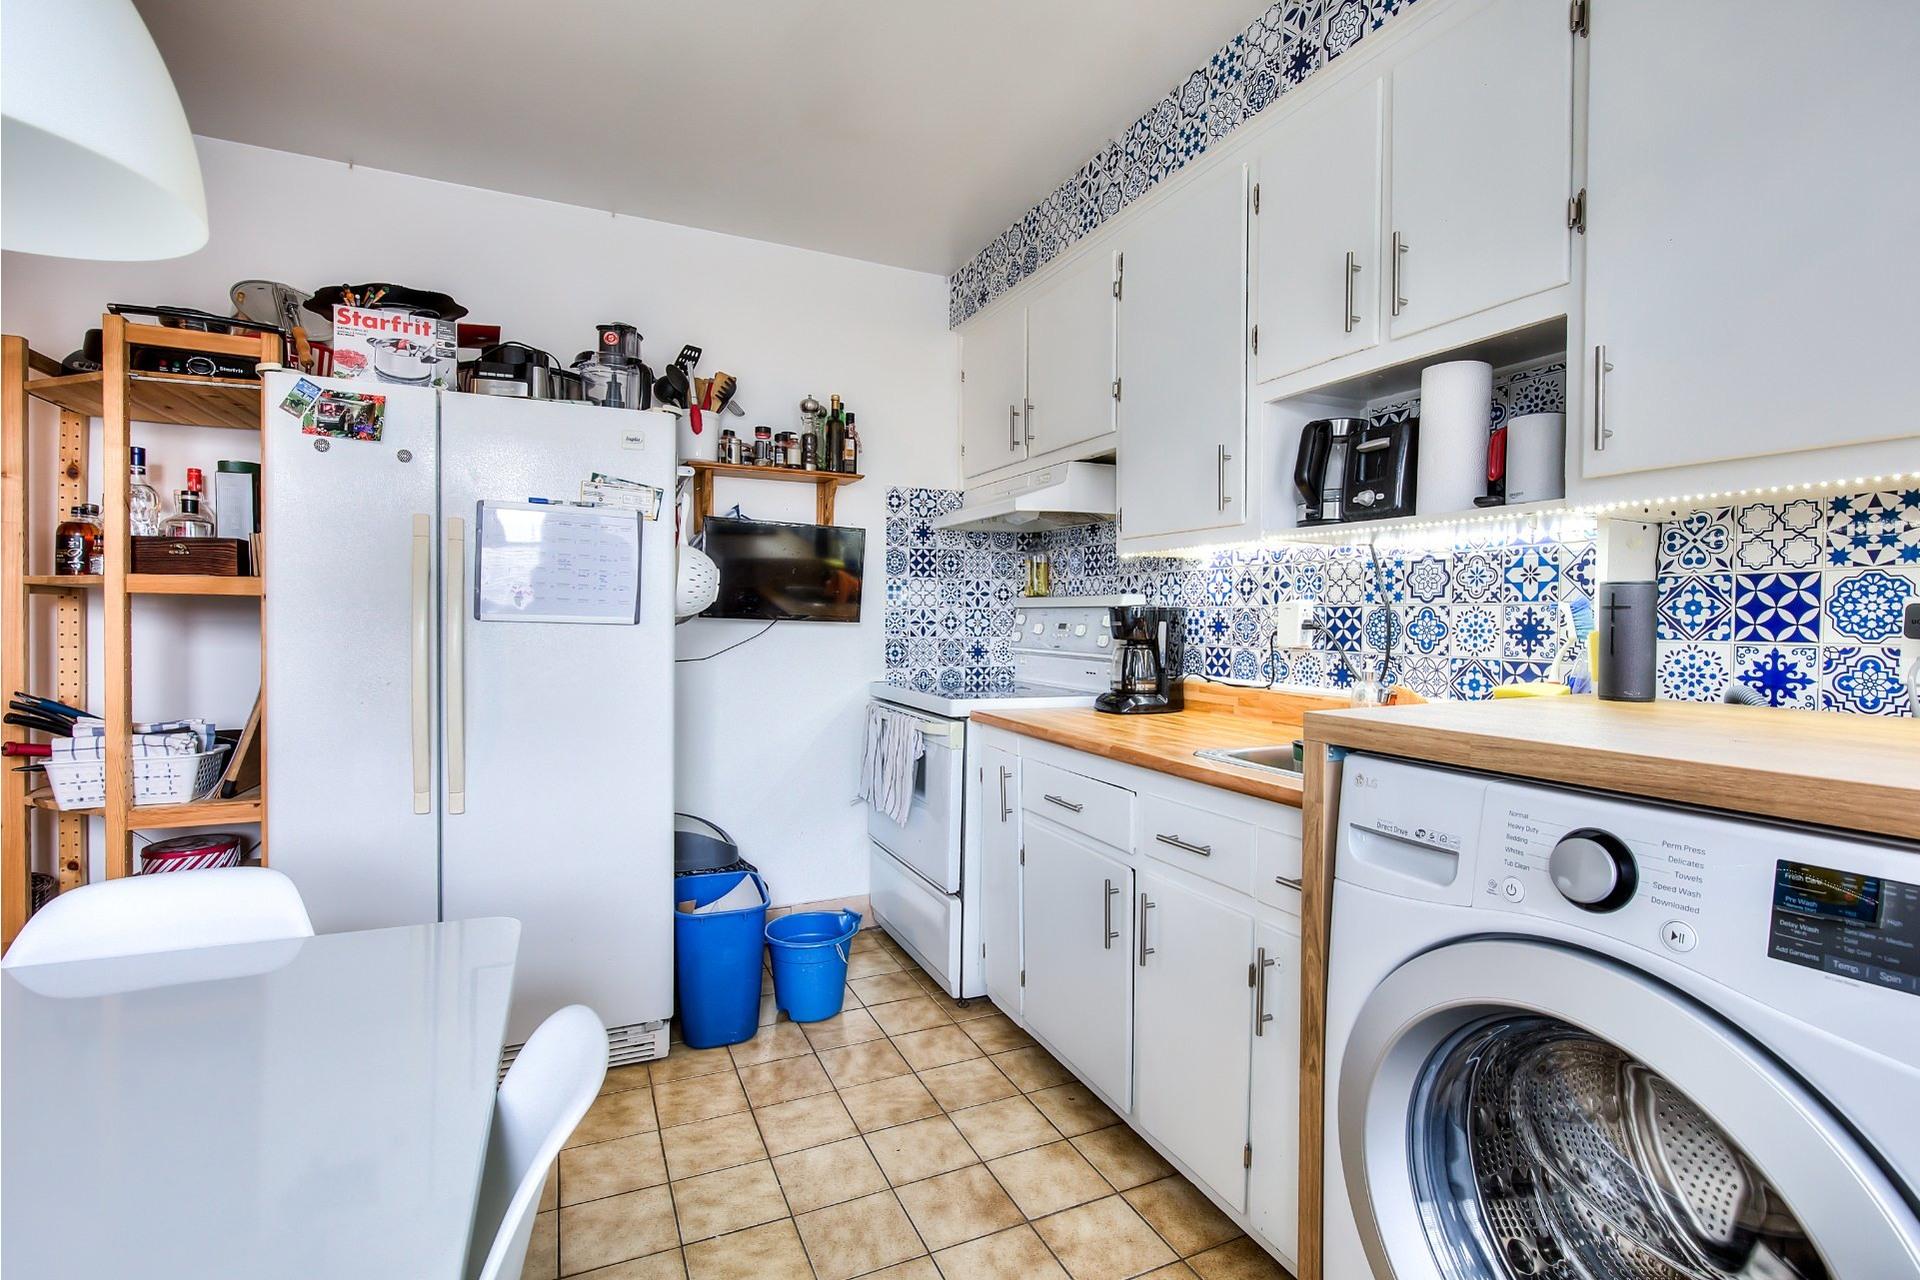 image 14 - Income property For sale Villeray/Saint-Michel/Parc-Extension Montréal  - 4 rooms